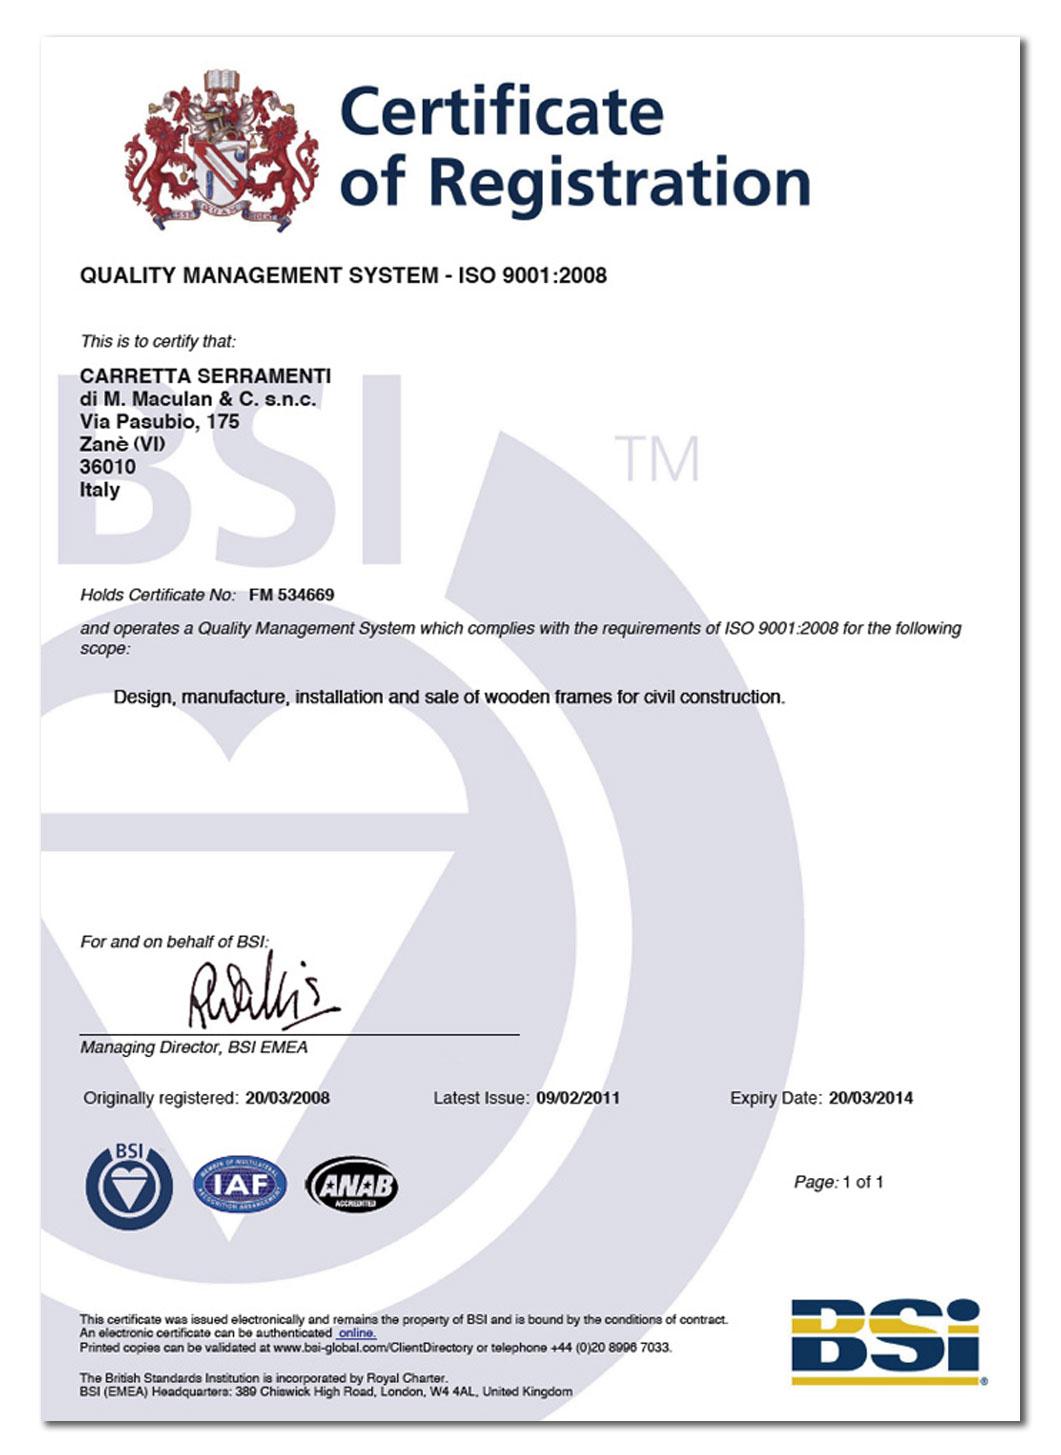 Carretta Serramenti Certificazione Quality Management System